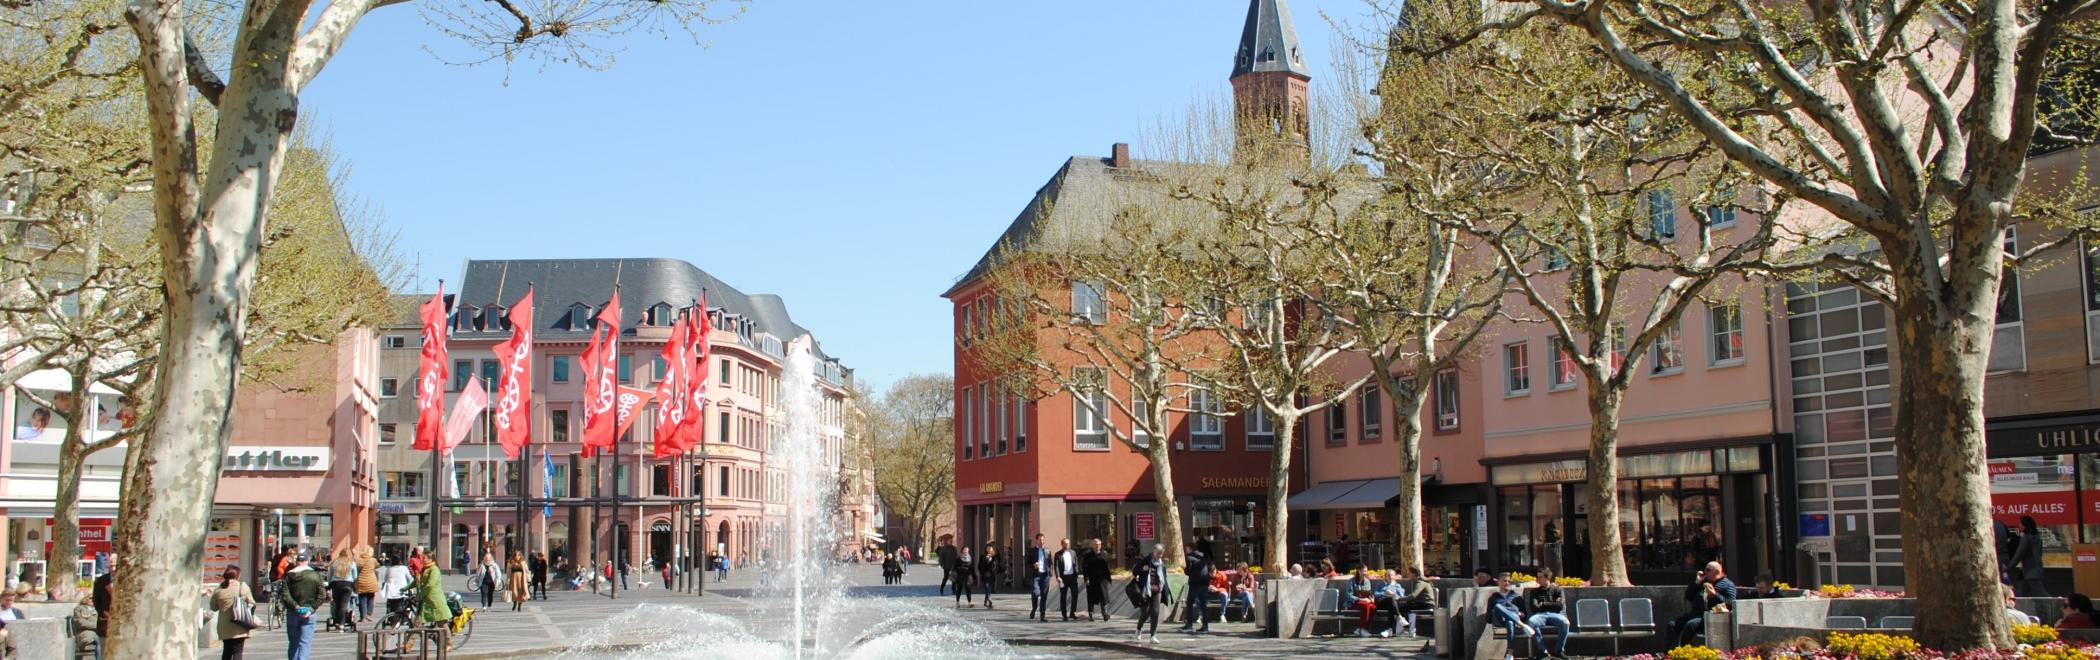 Rhein Dom Brunnen Markt